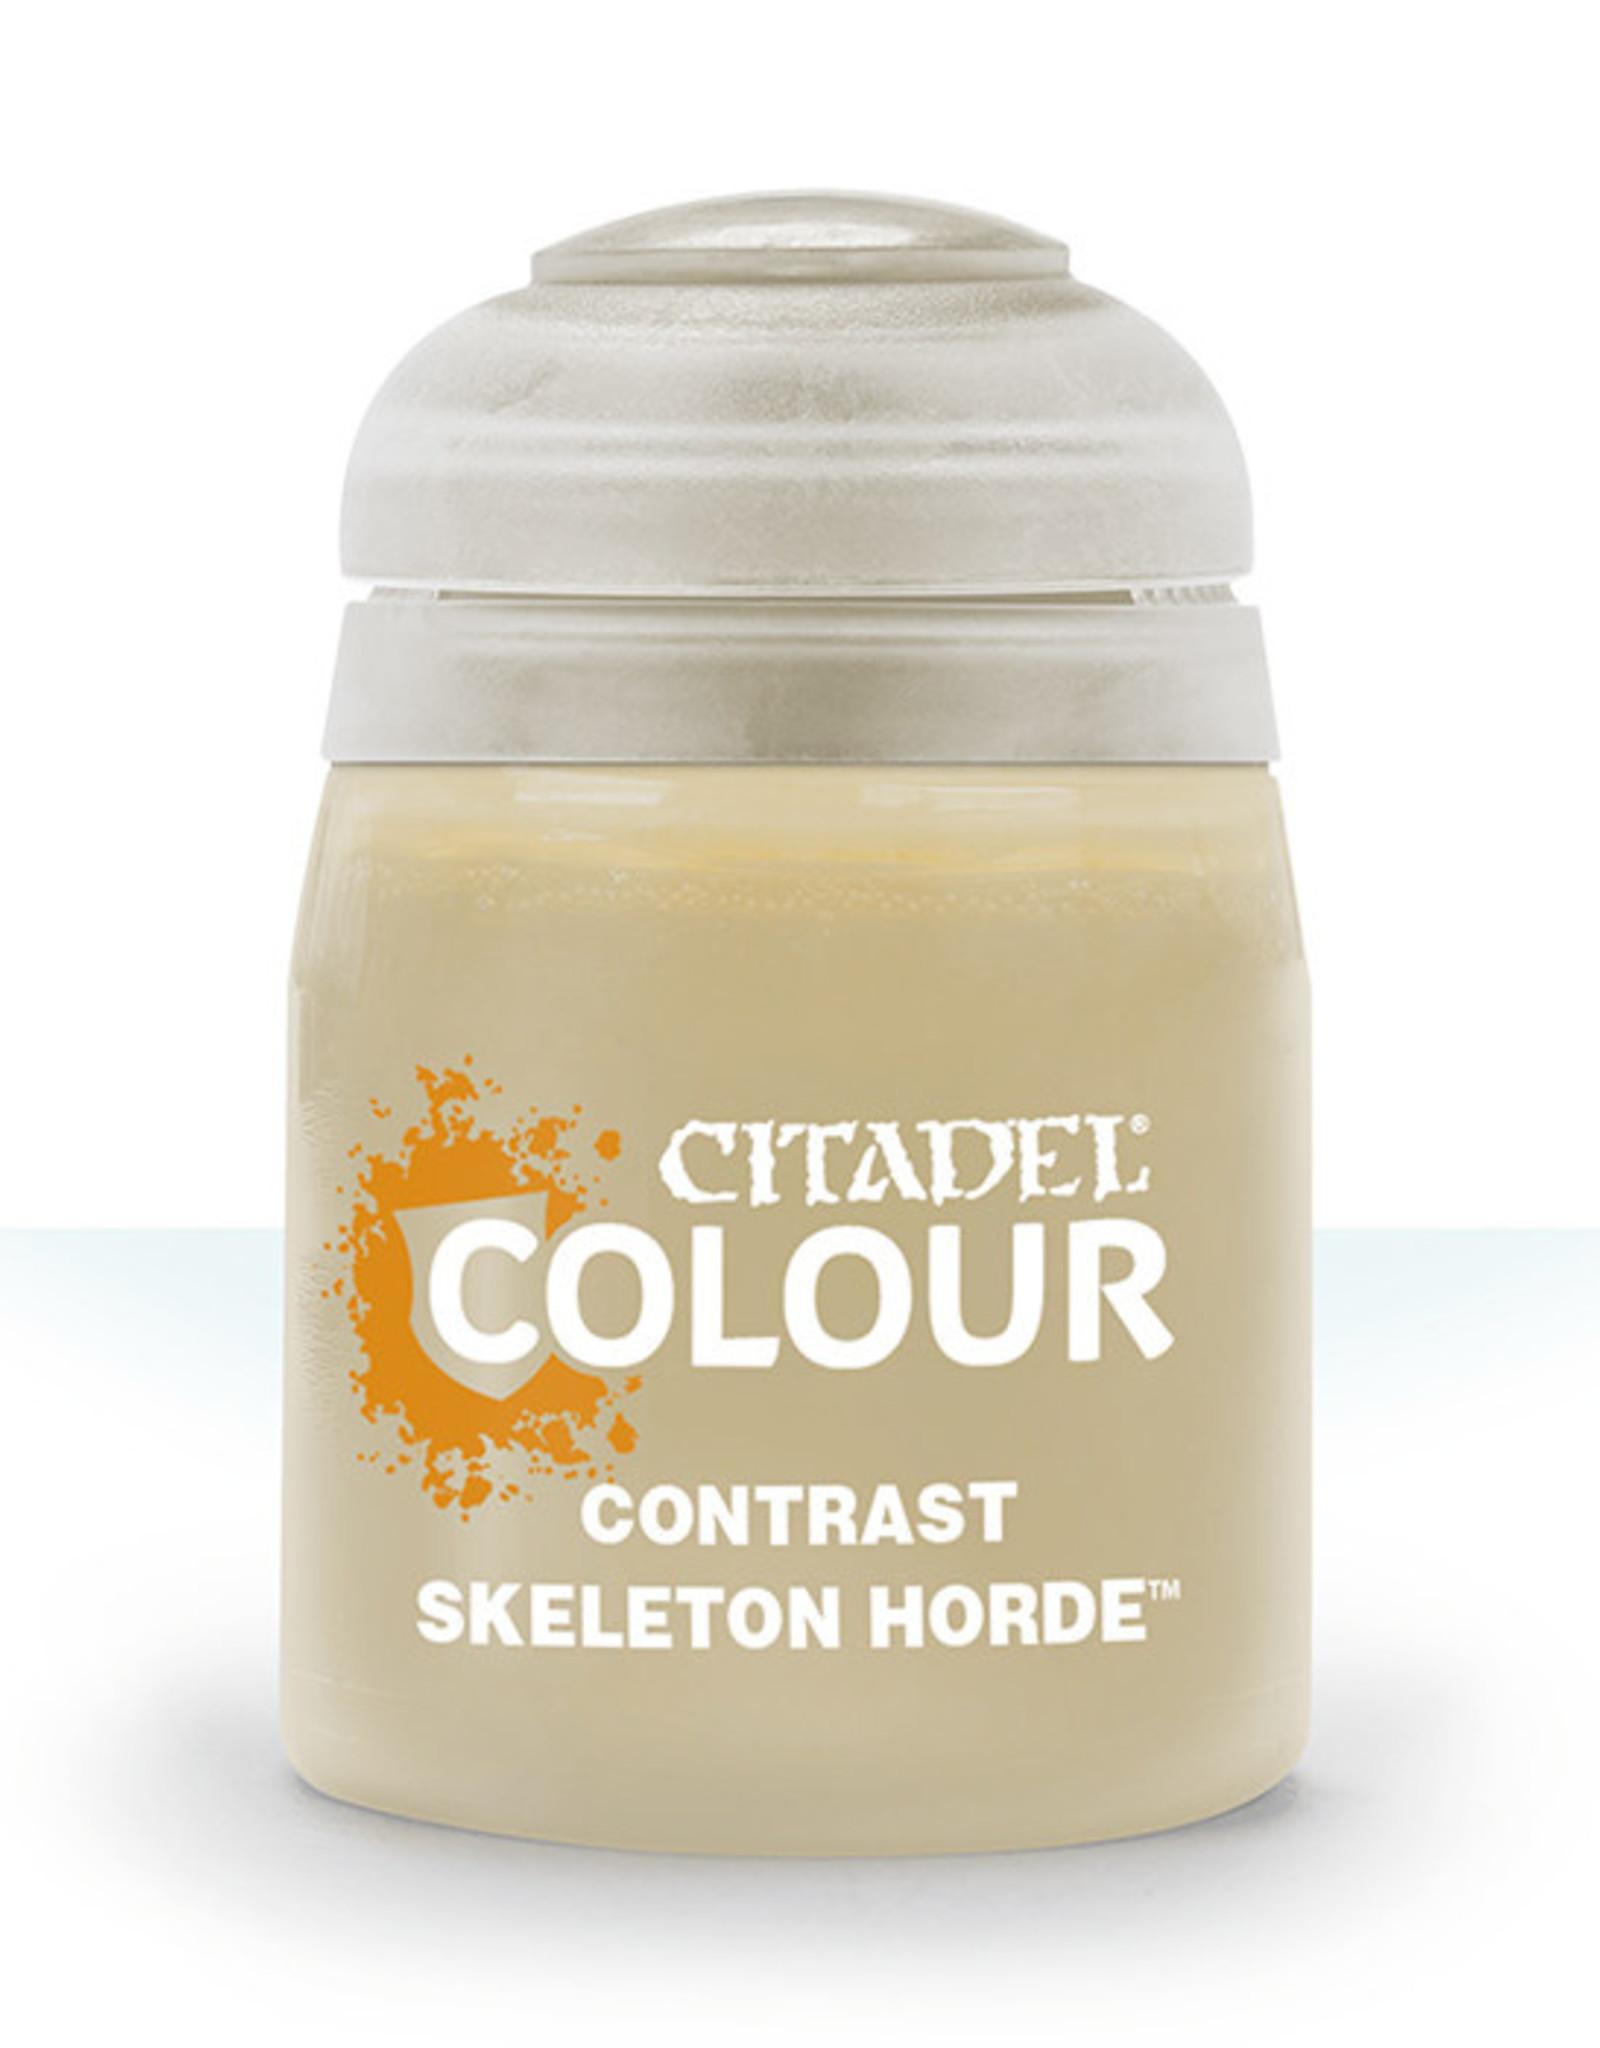 Citadel Citadel Colour: Contrast - Skeleton Horde